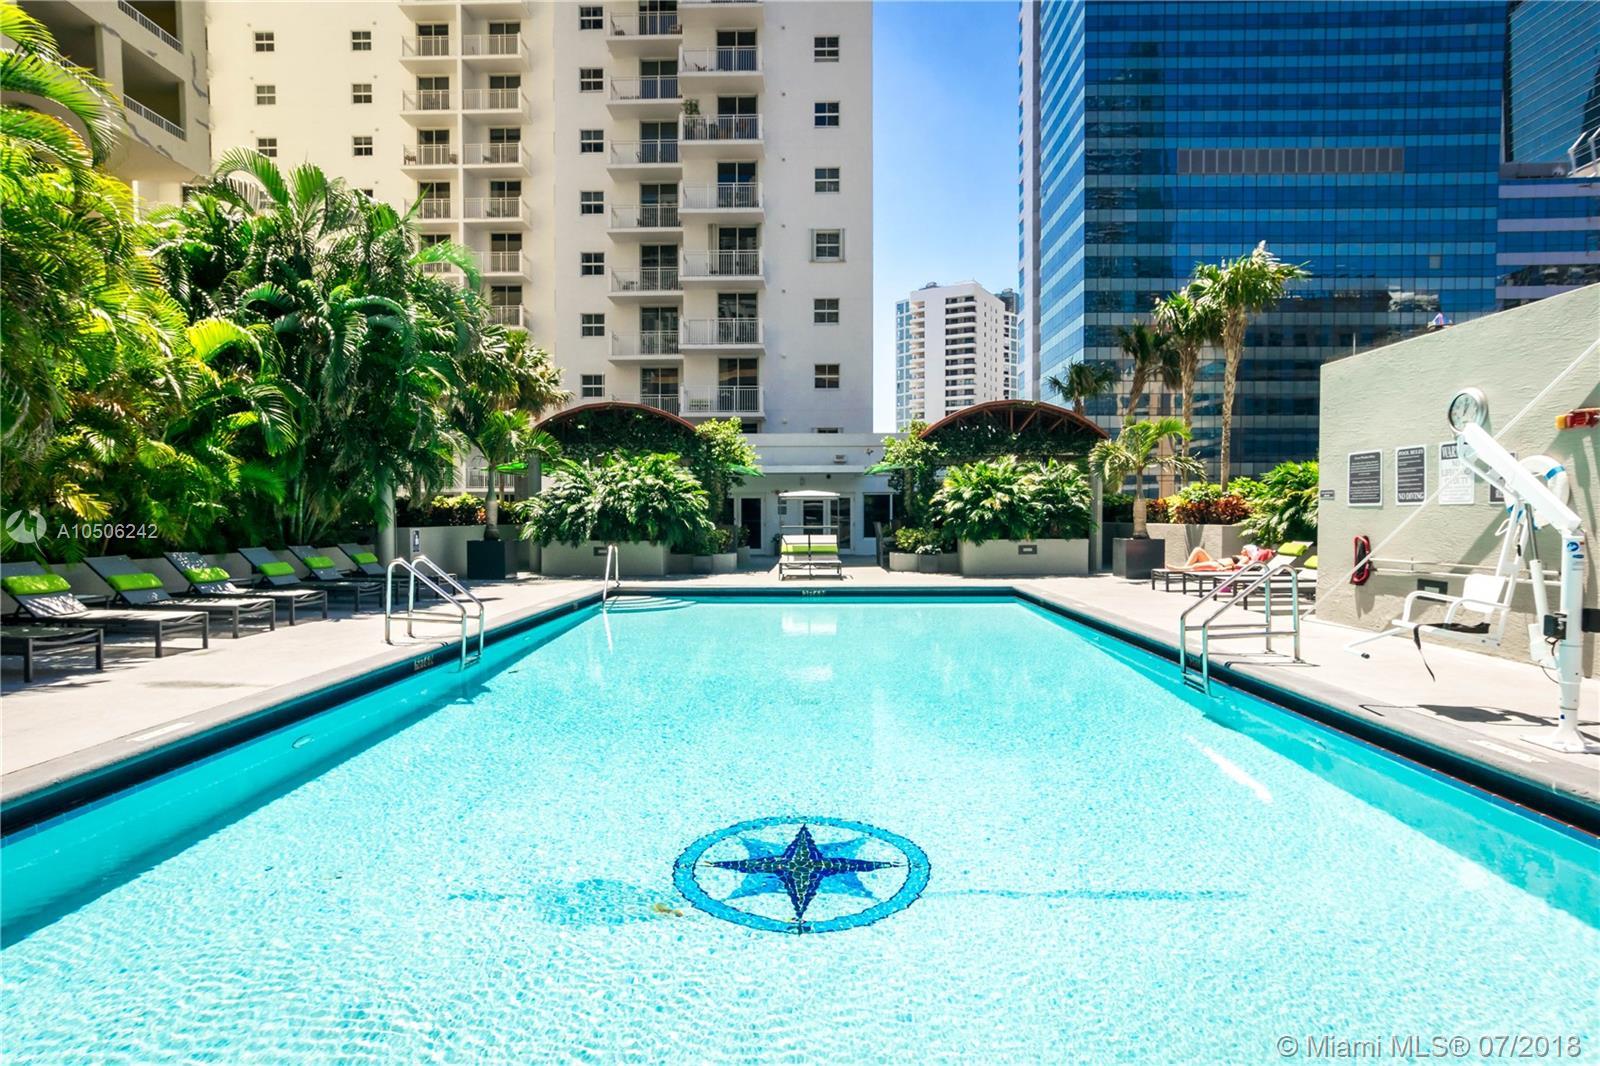 185 Southeast 14th Terrace, Miami, FL 33131, Fortune House #1812, Brickell, Miami A10506242 image #20